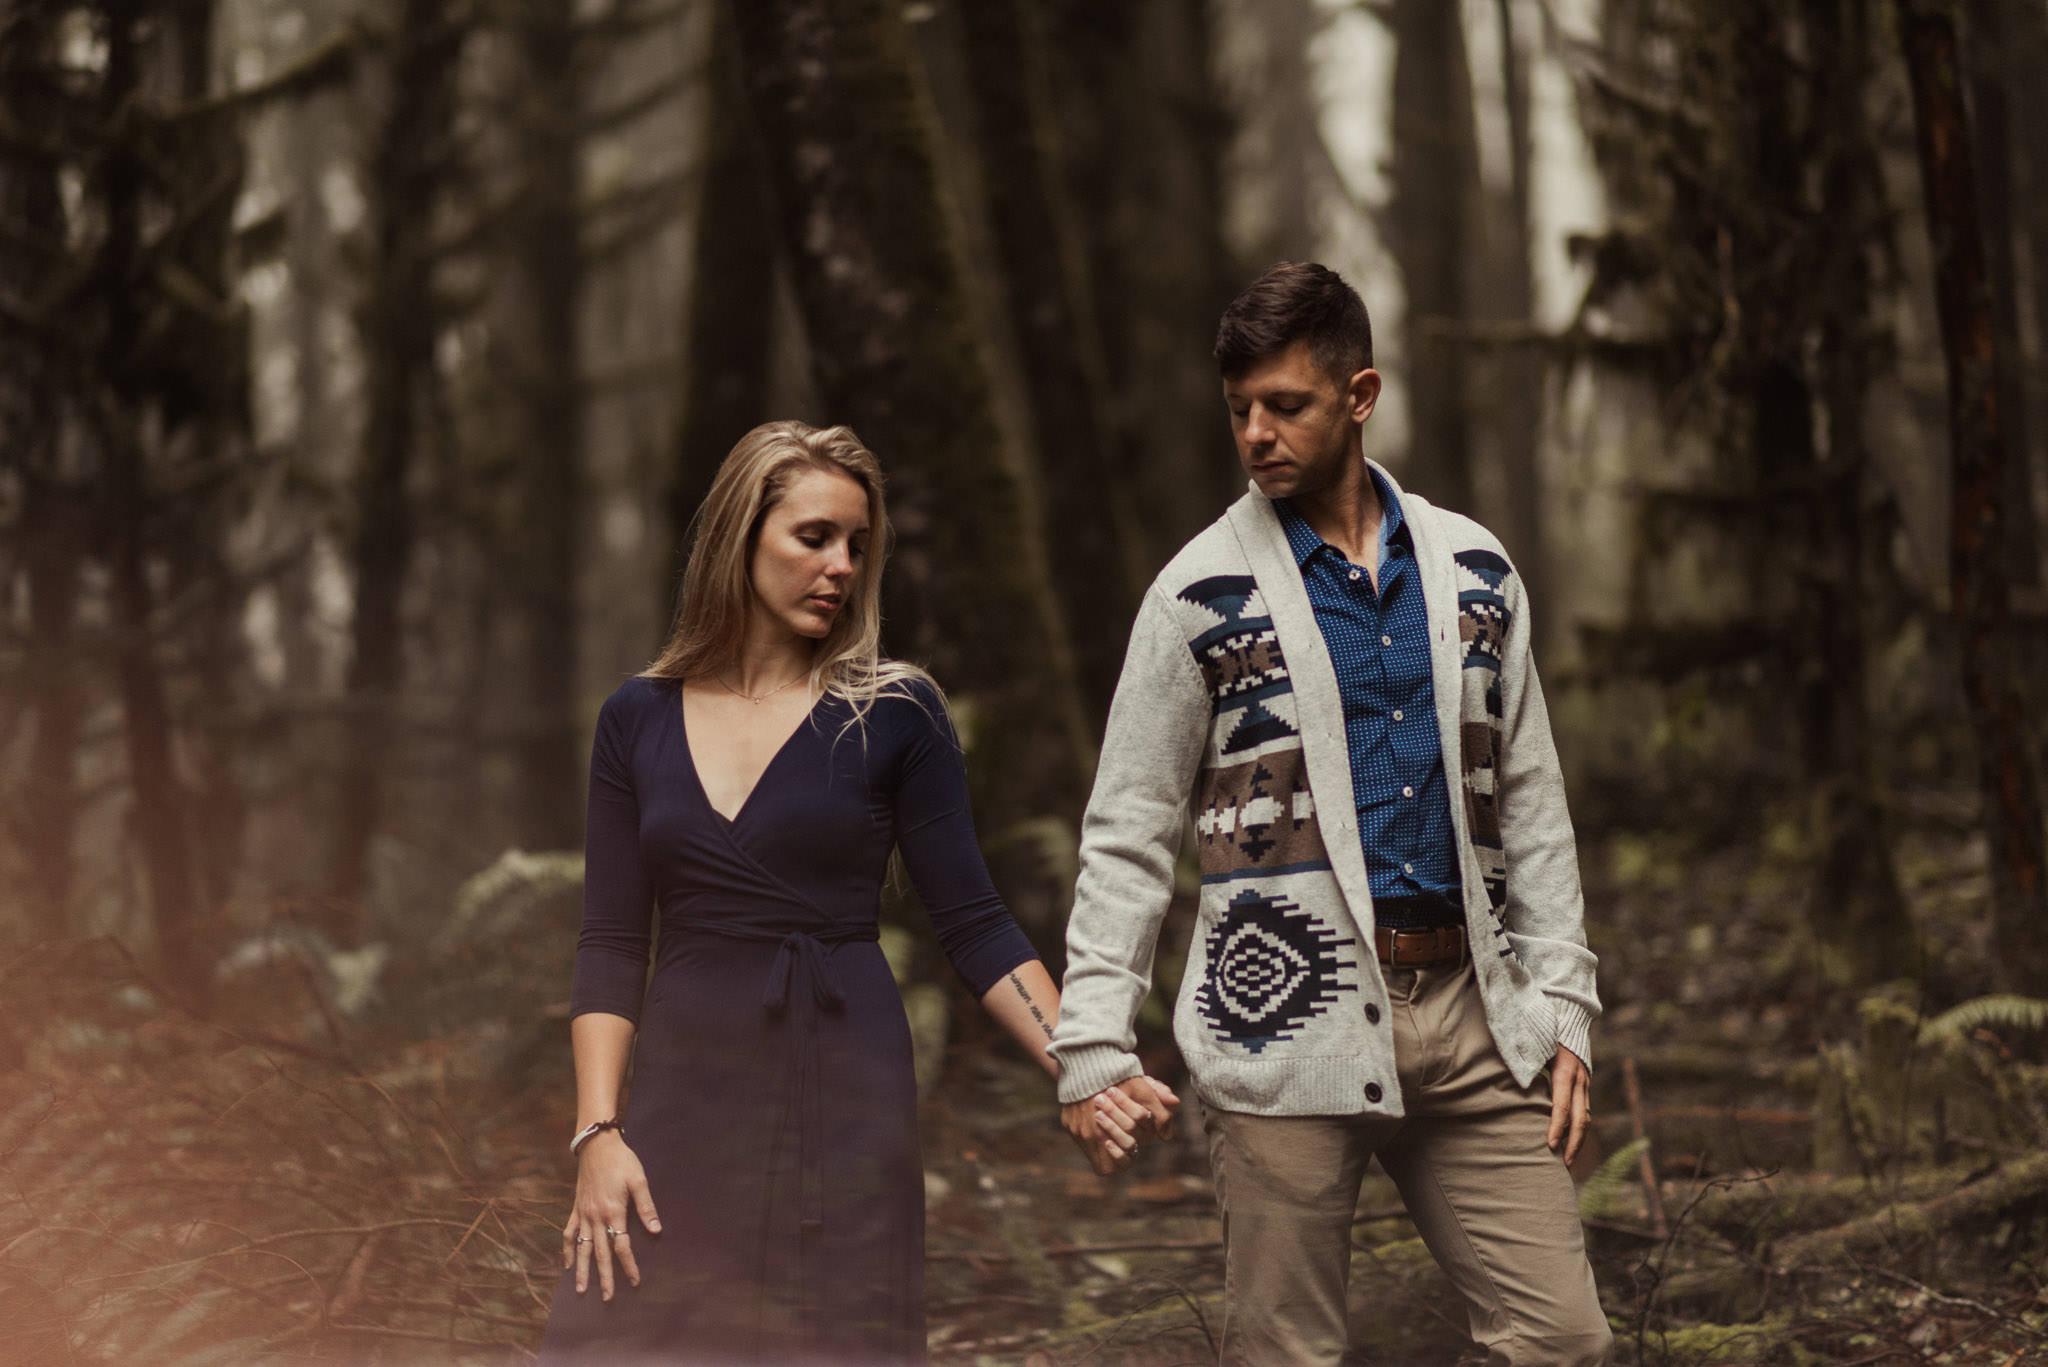 oregon-coast-woods-ecola-park-forest-adventure-engagement